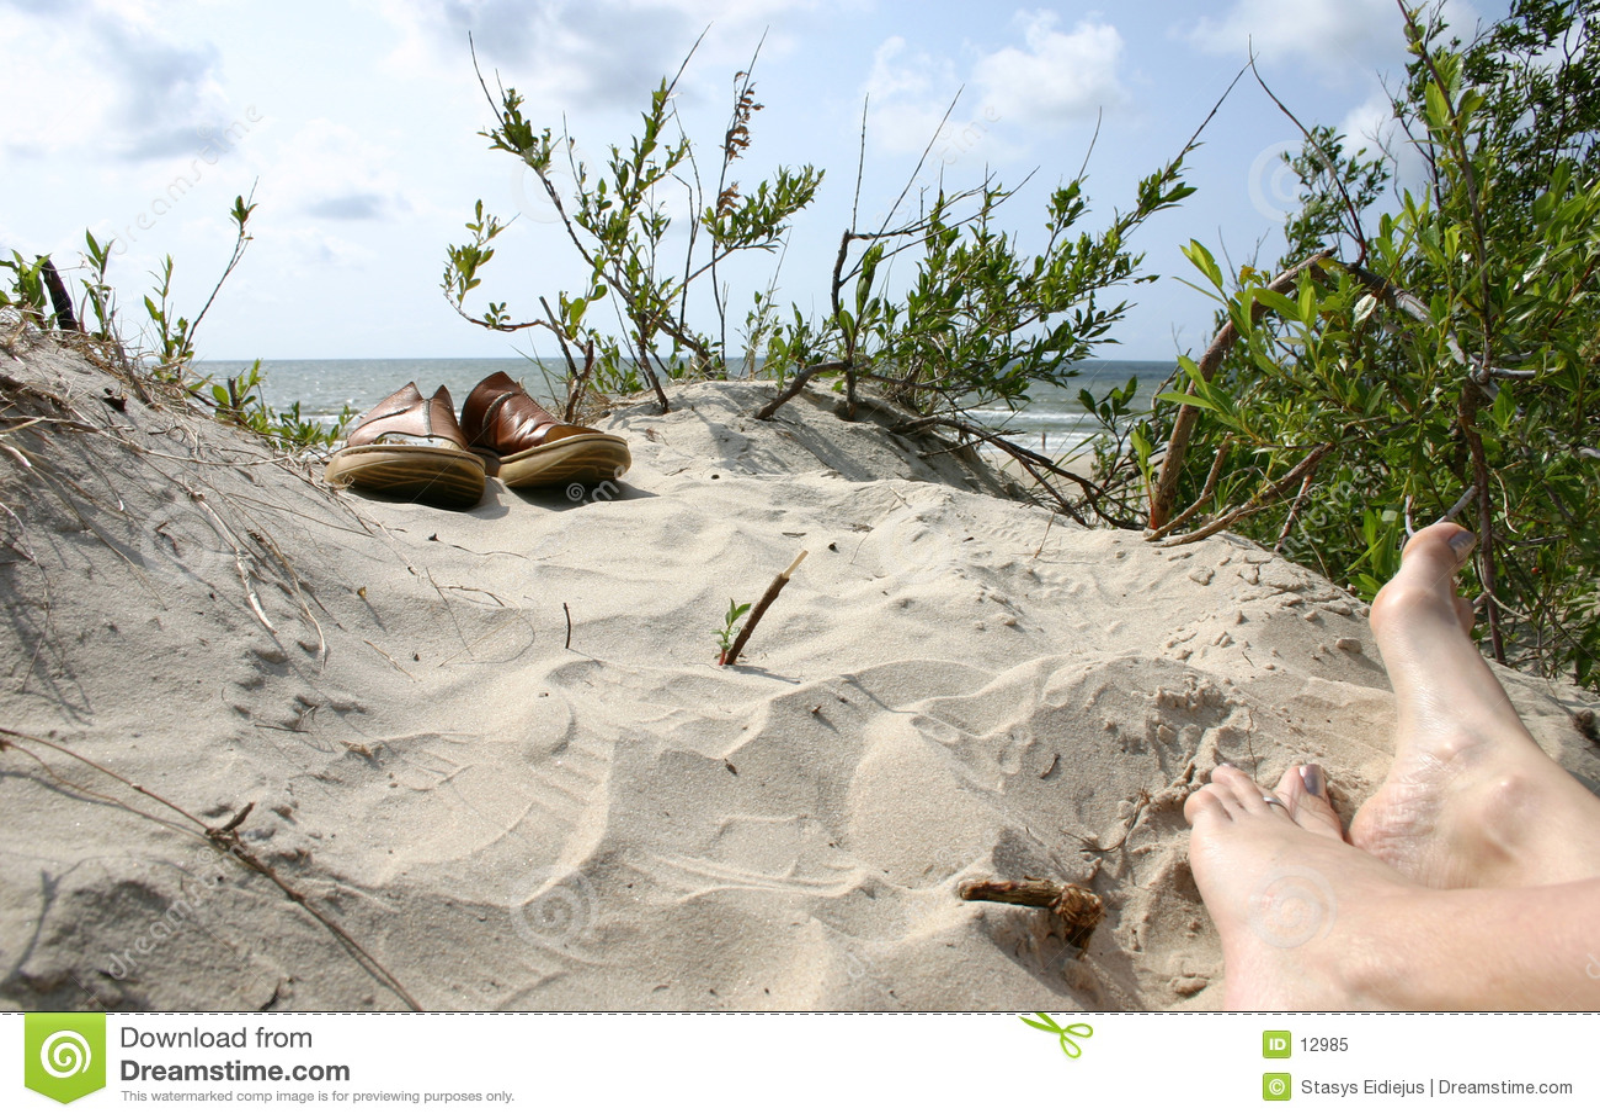 Sommer. Strand. Ferien. Schuhe II